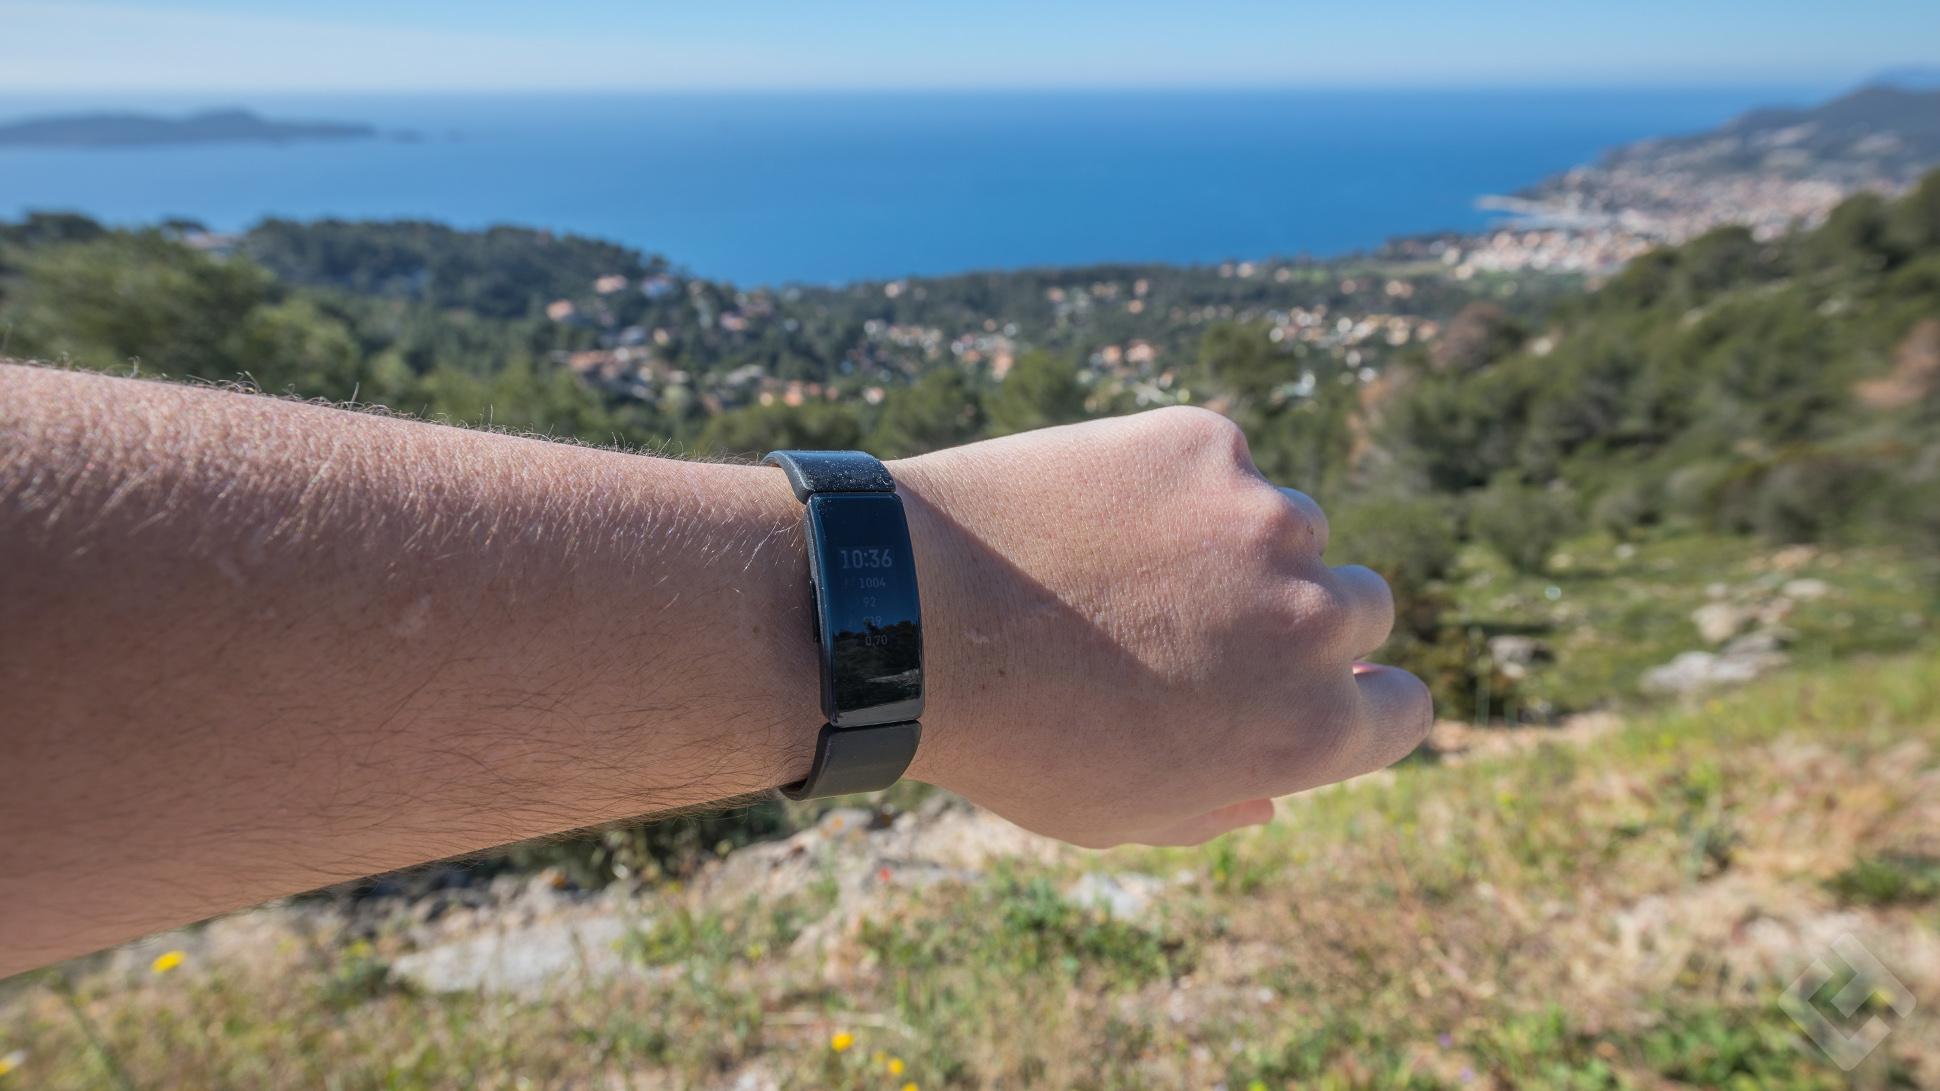 Fitbit InspireHR design